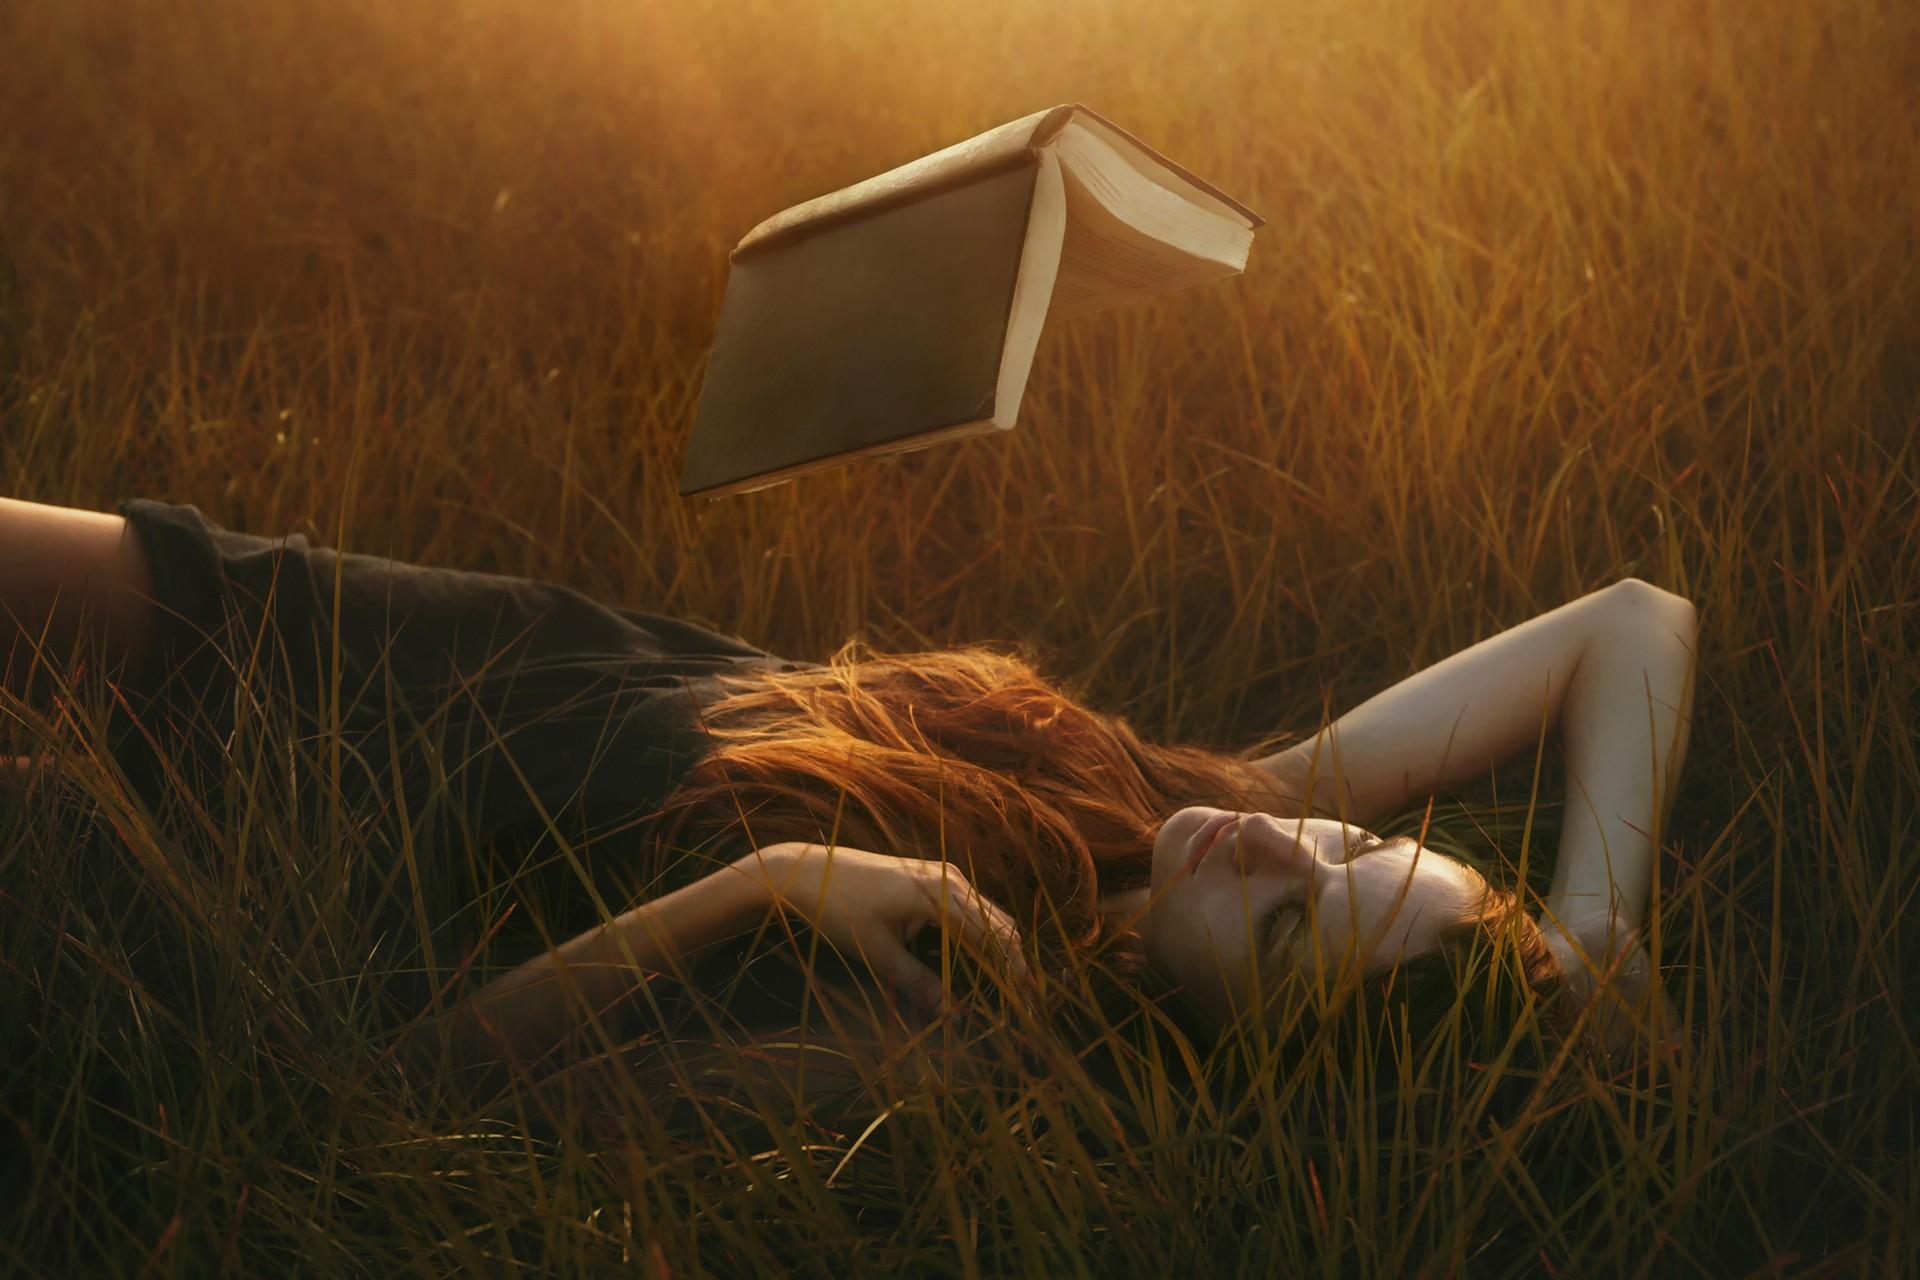 Women Outdoors Books Redhead Floating Grass Sunlight Introvert 1920x1280